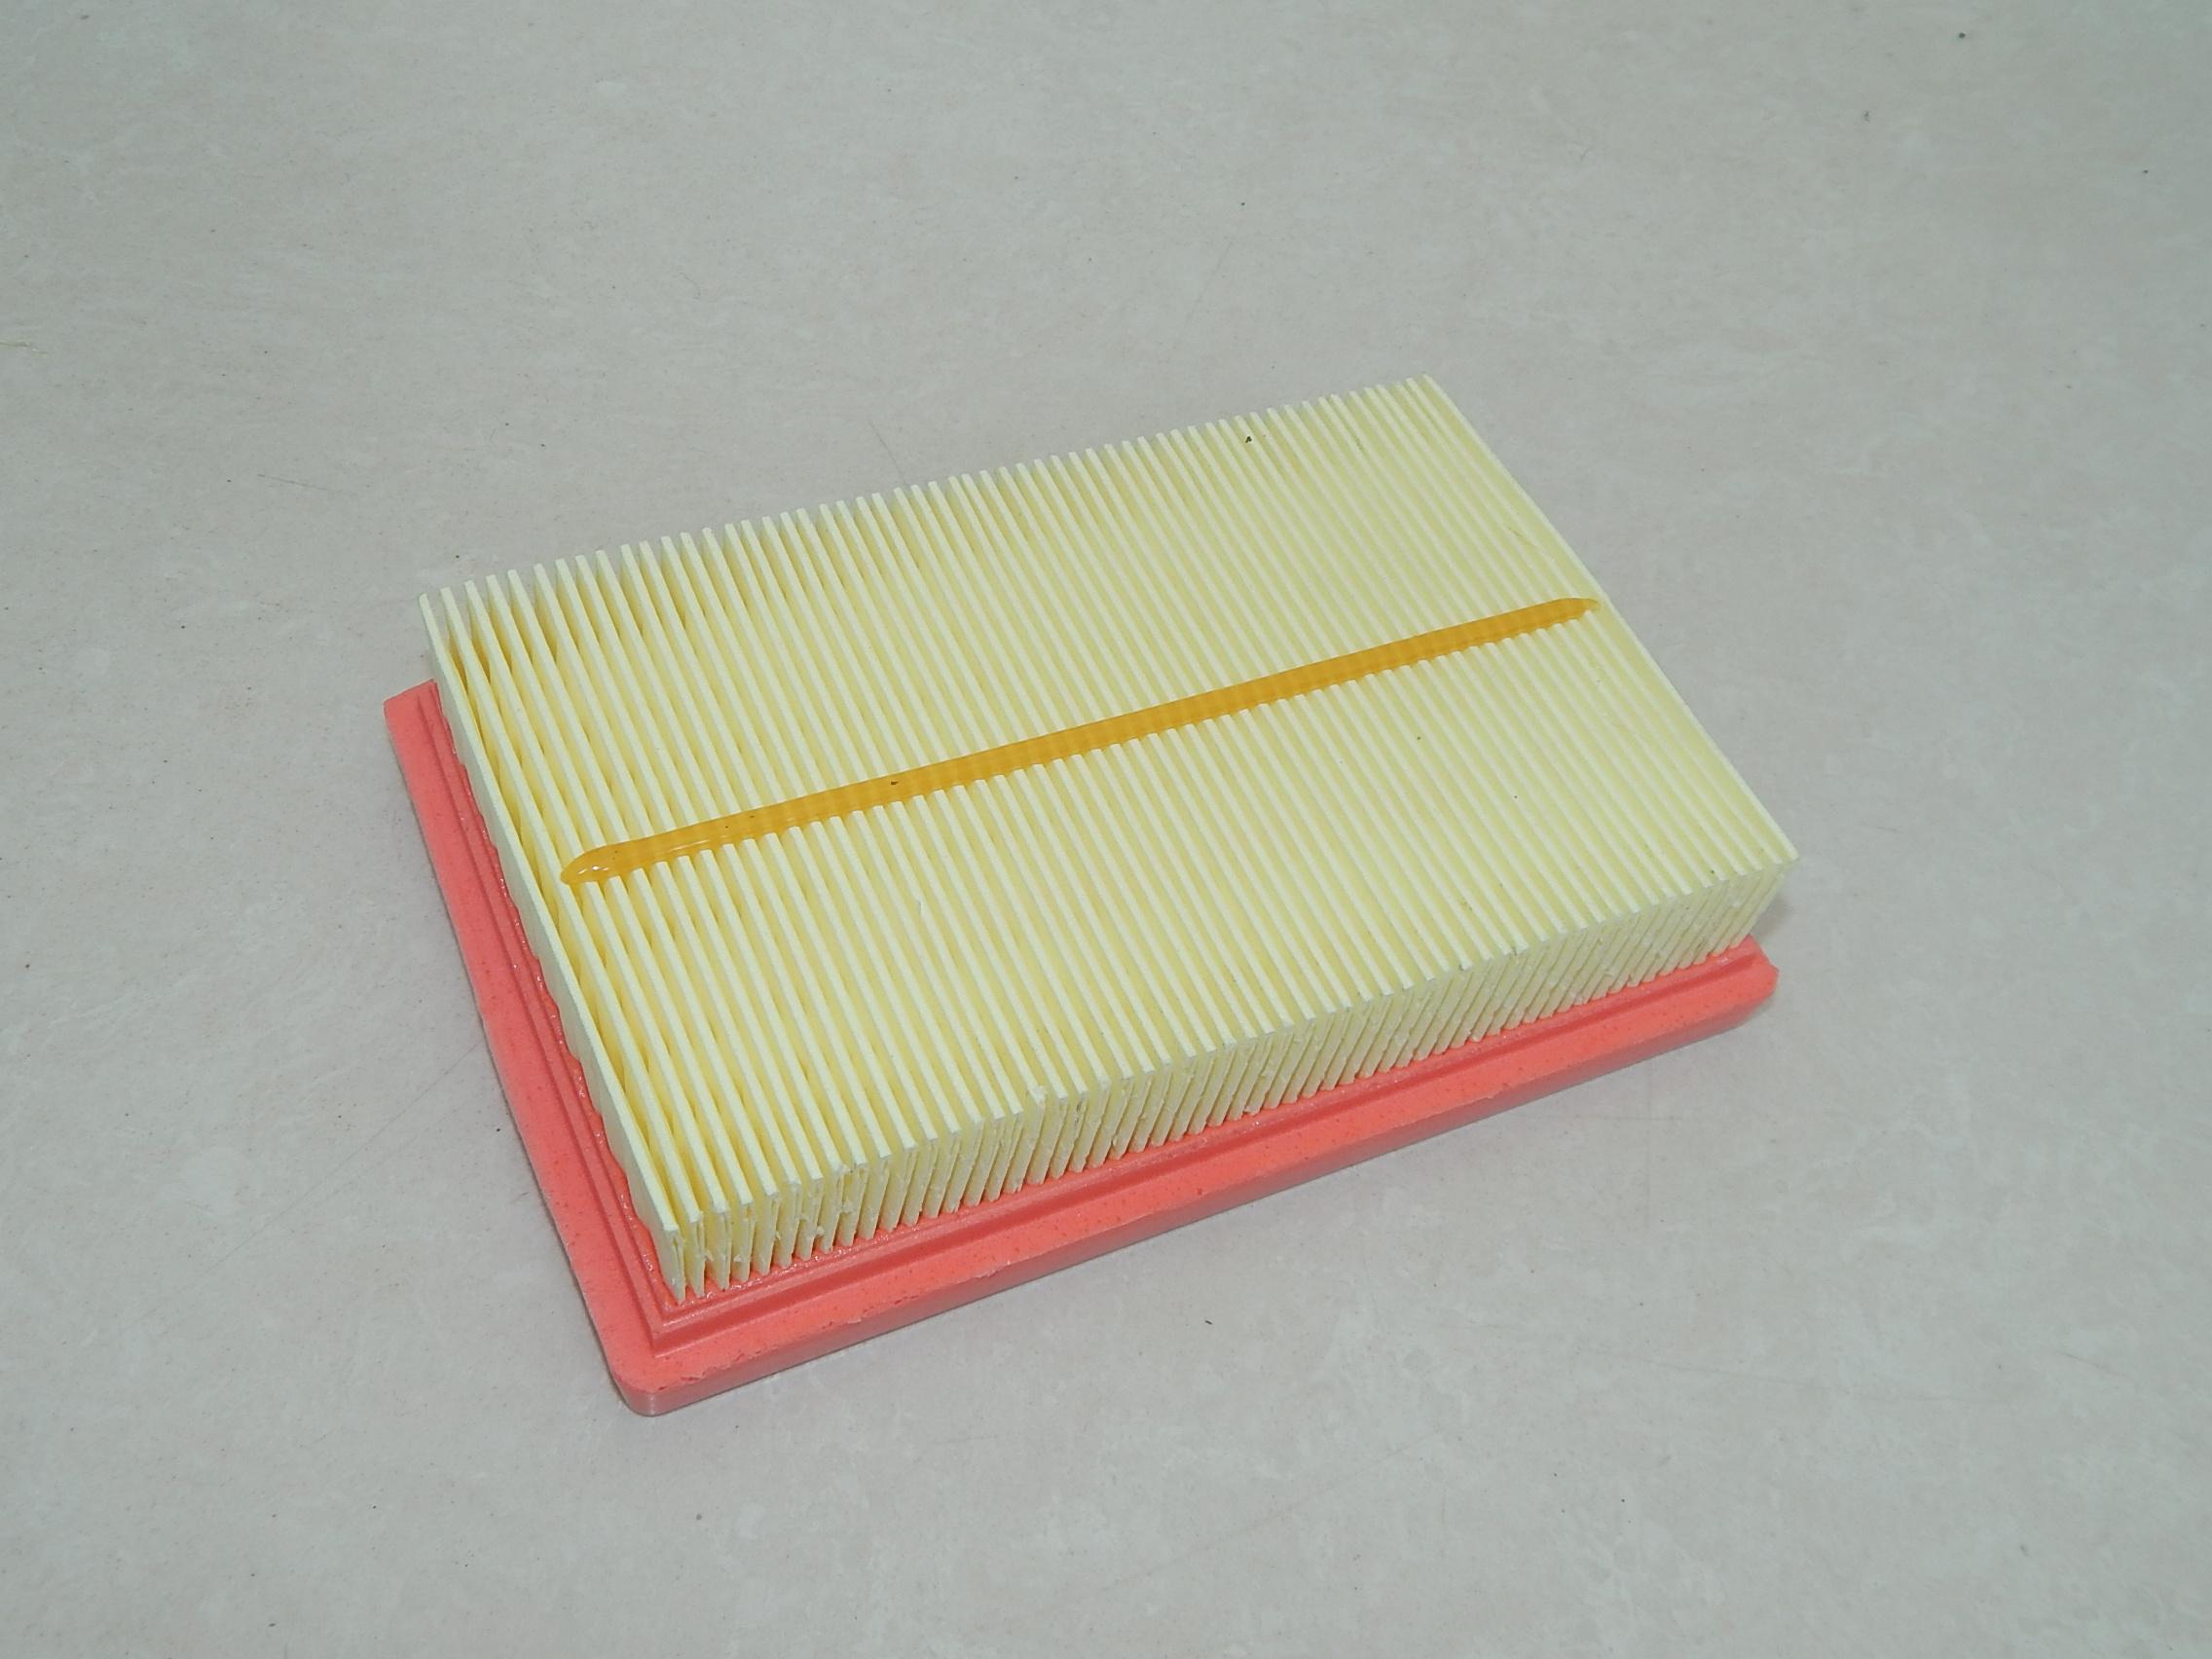 Factory Auto Parts car hepa air filter elements Filtro De Aire 17801-21060 17801-0M030 16 124 967 80 CA11742 LX 3536 C 17 008